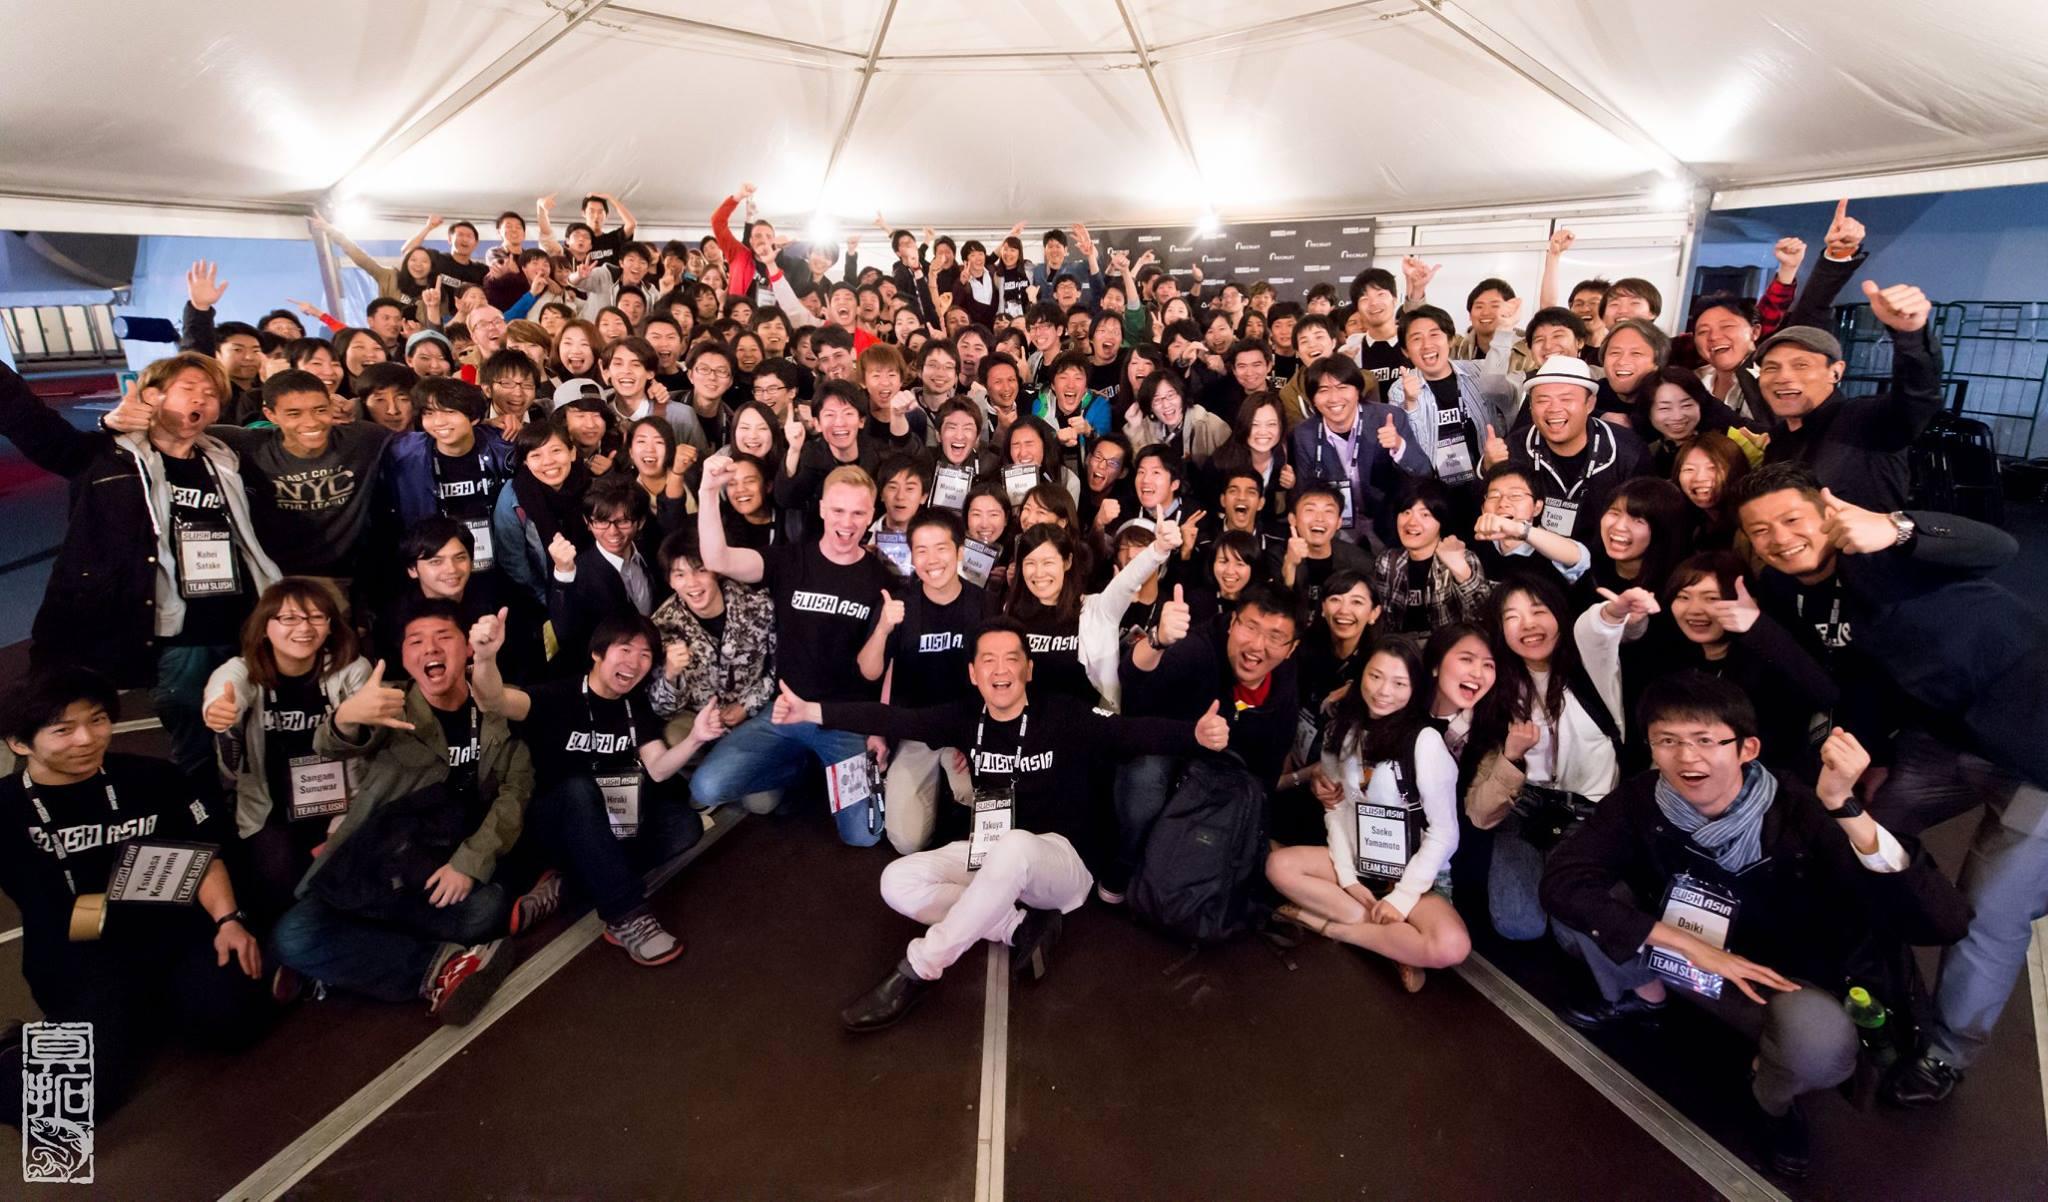 「起業」を日常の選択肢のひとつに。スタートアップの祭典「SLUSH ASIA」に込められたメッセージとは?